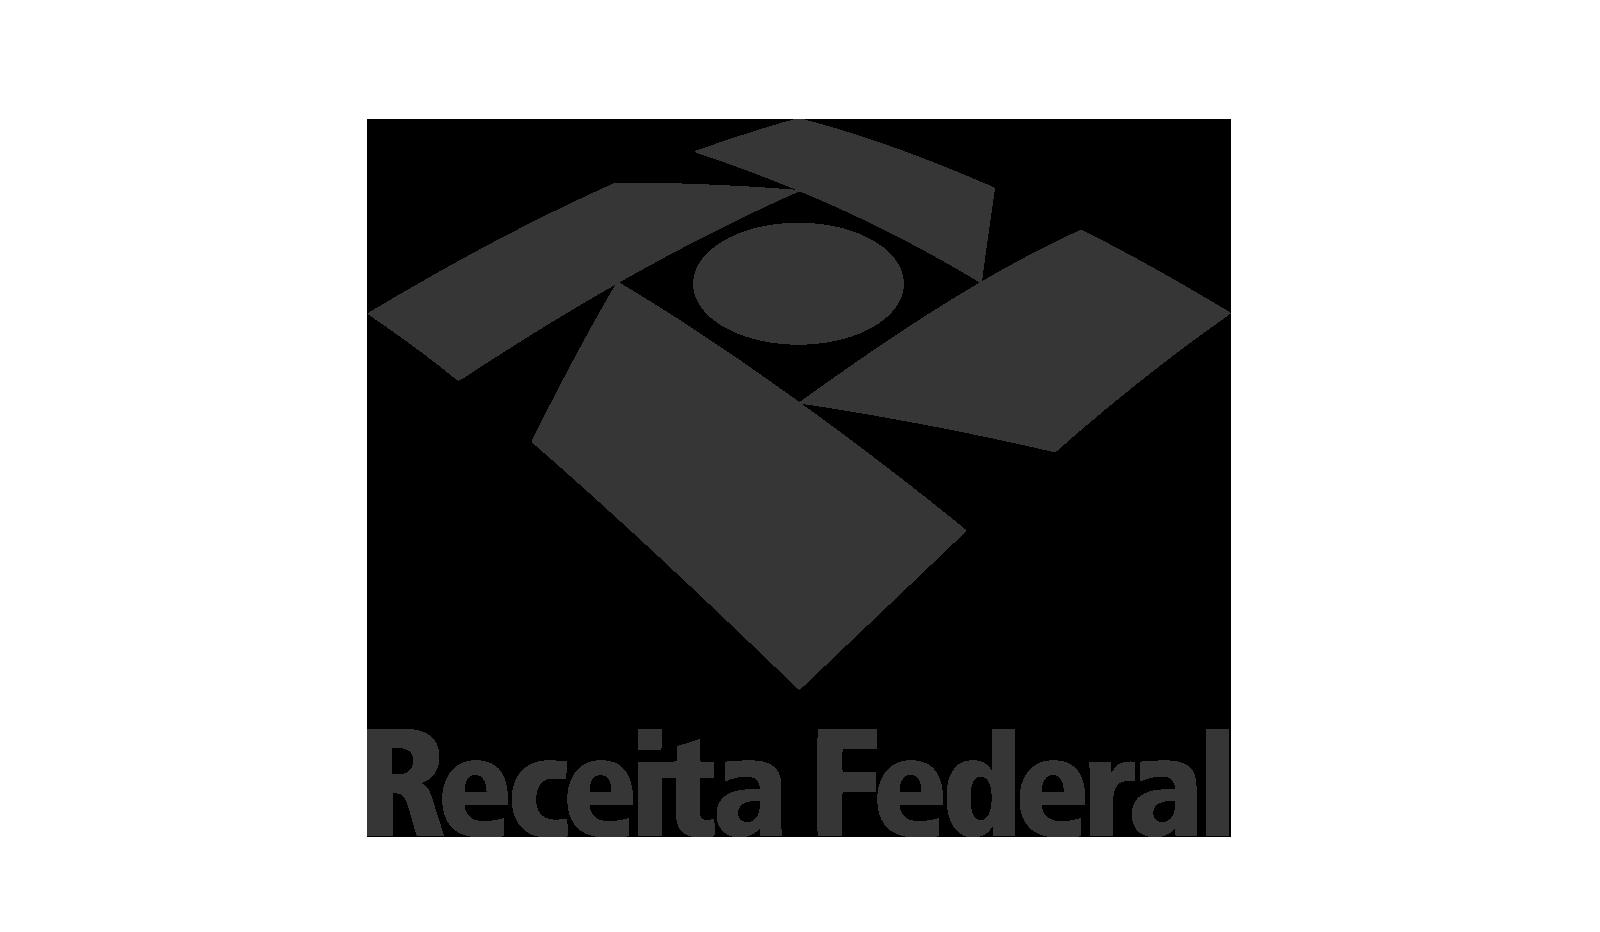 RECEITA_FEDERAL_2